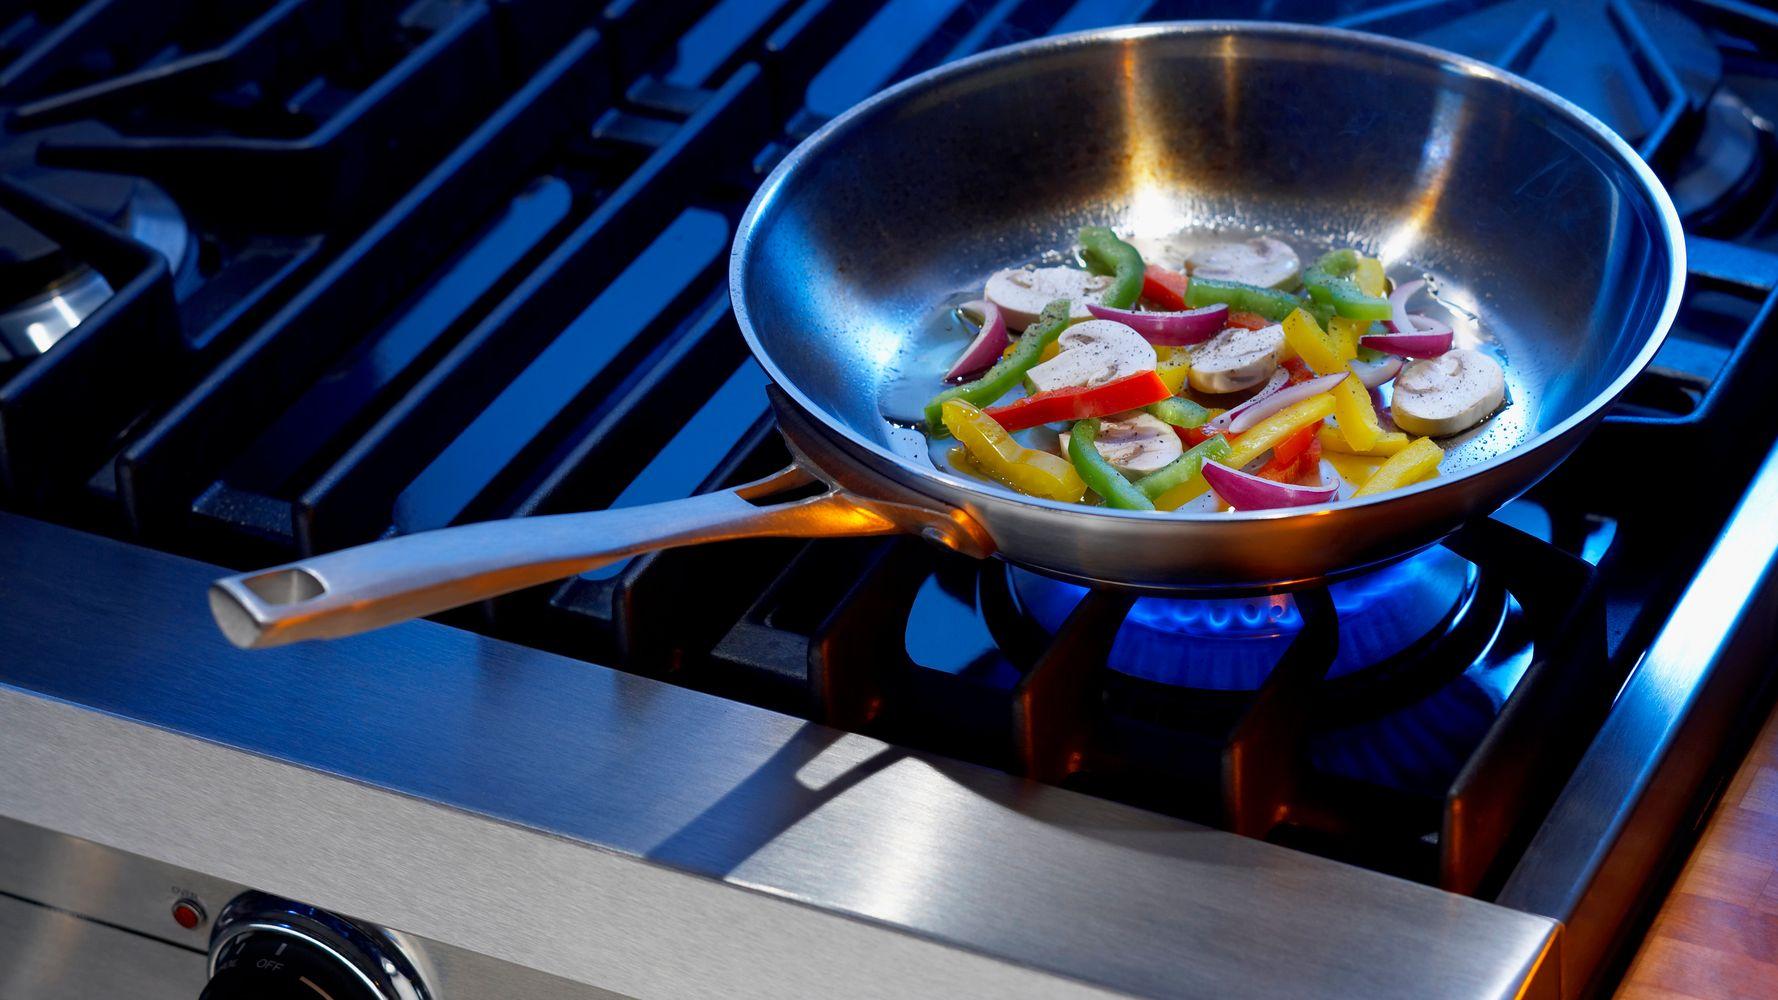 мужчины порой плита с едой картинки конечно